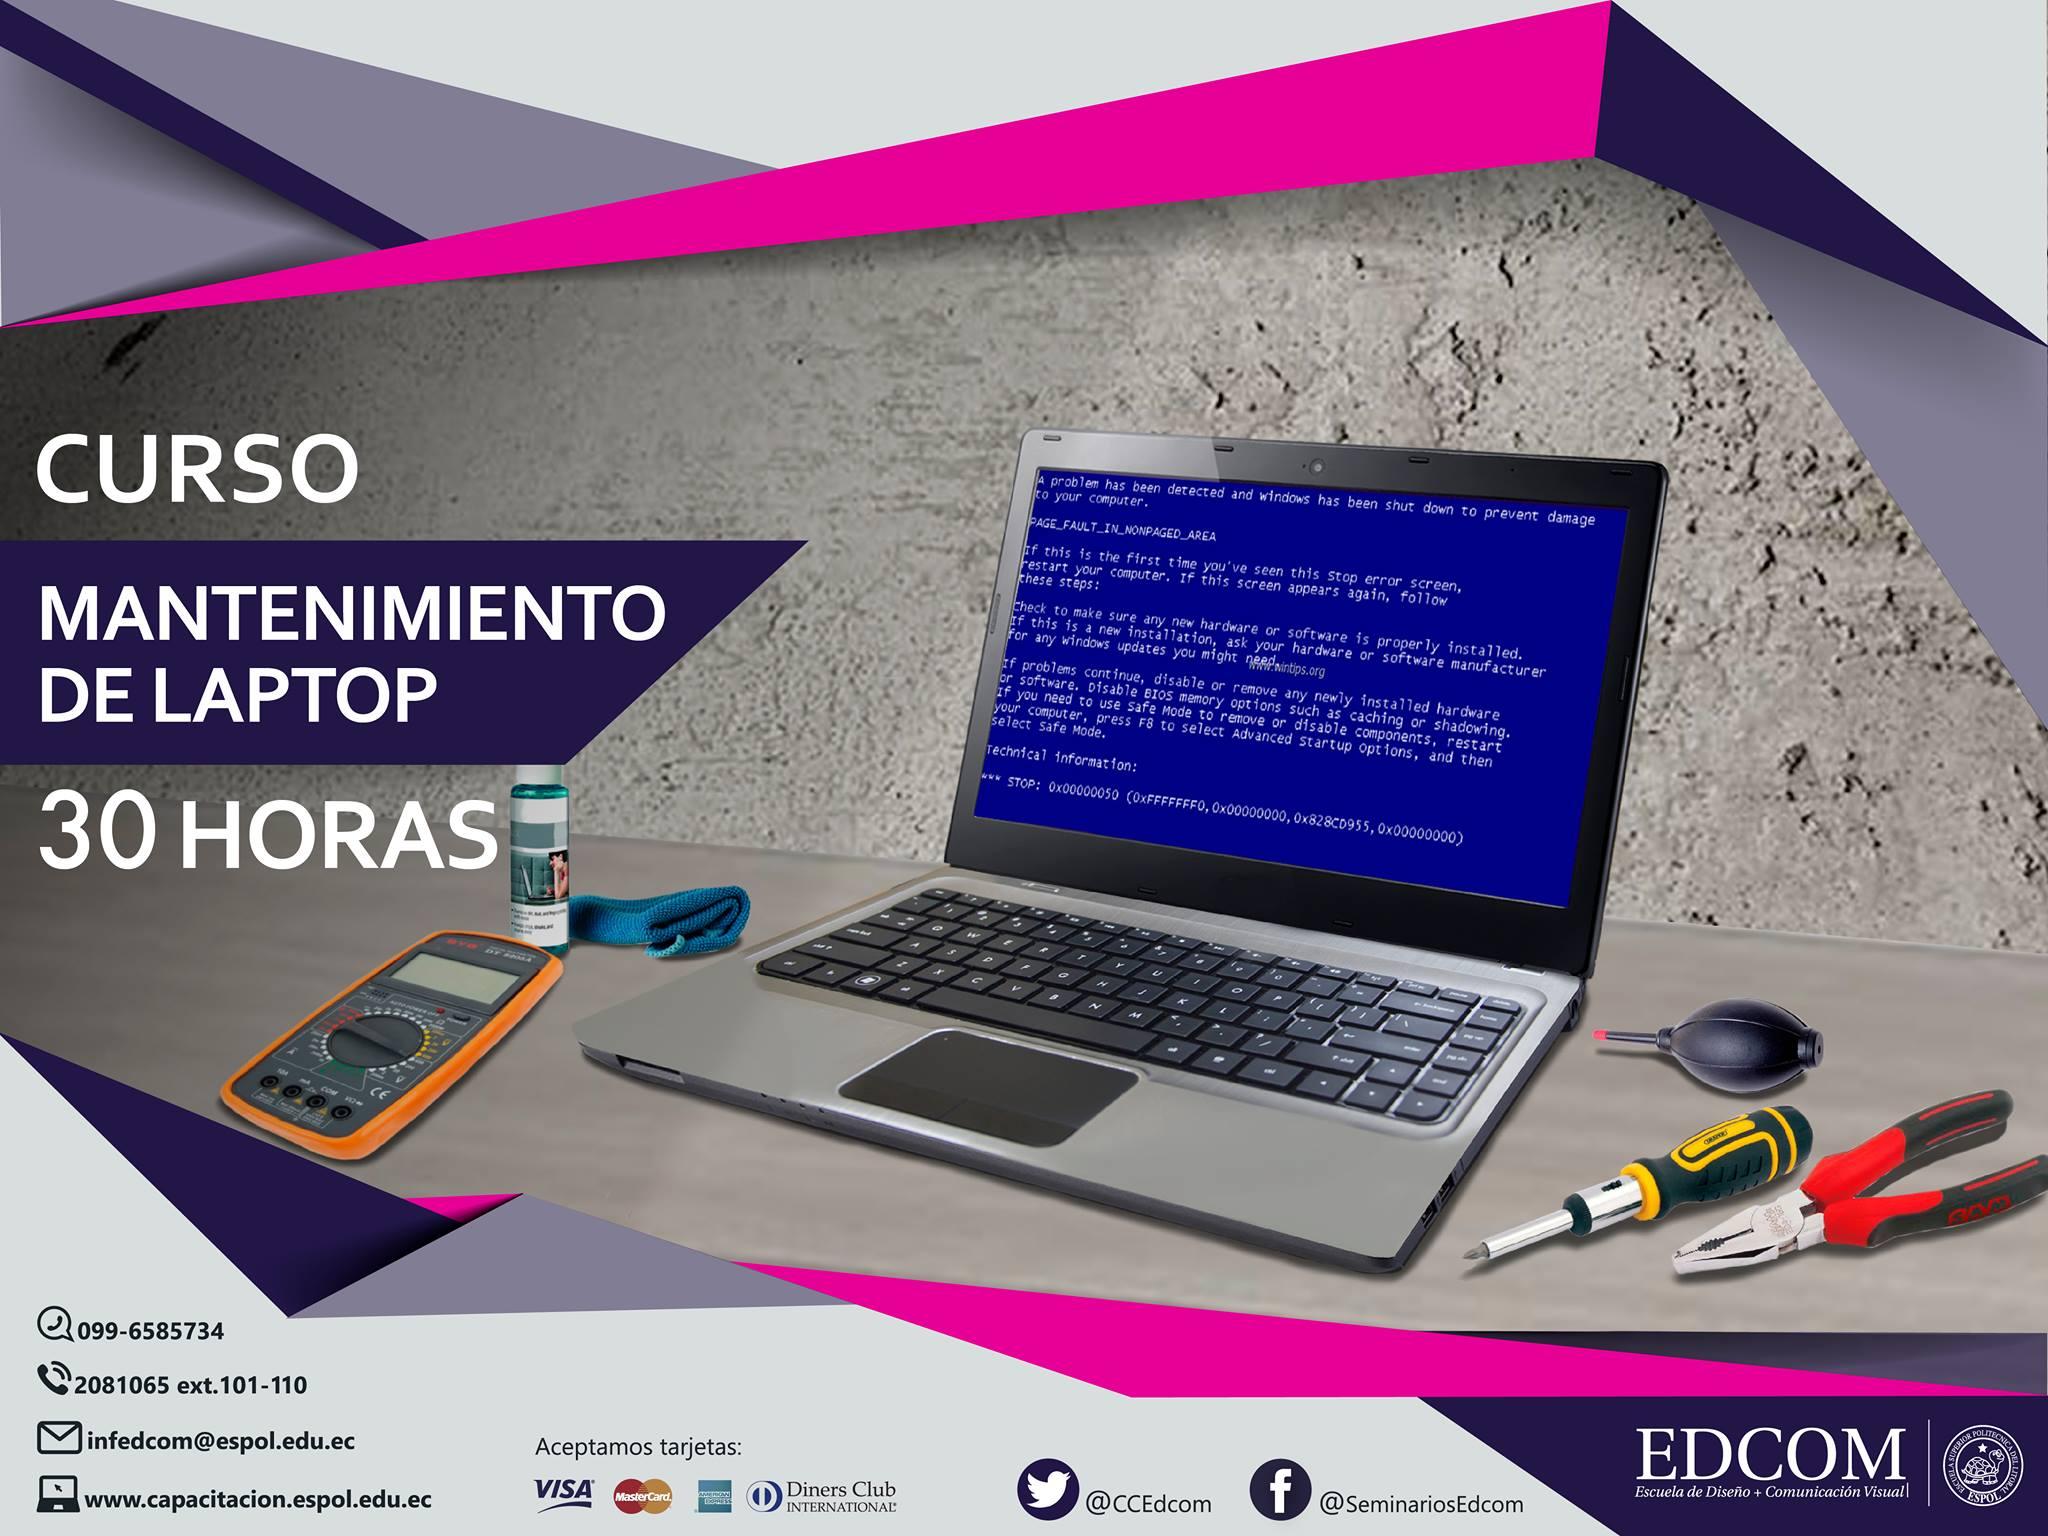 Curso: Mantenimiento de laptops